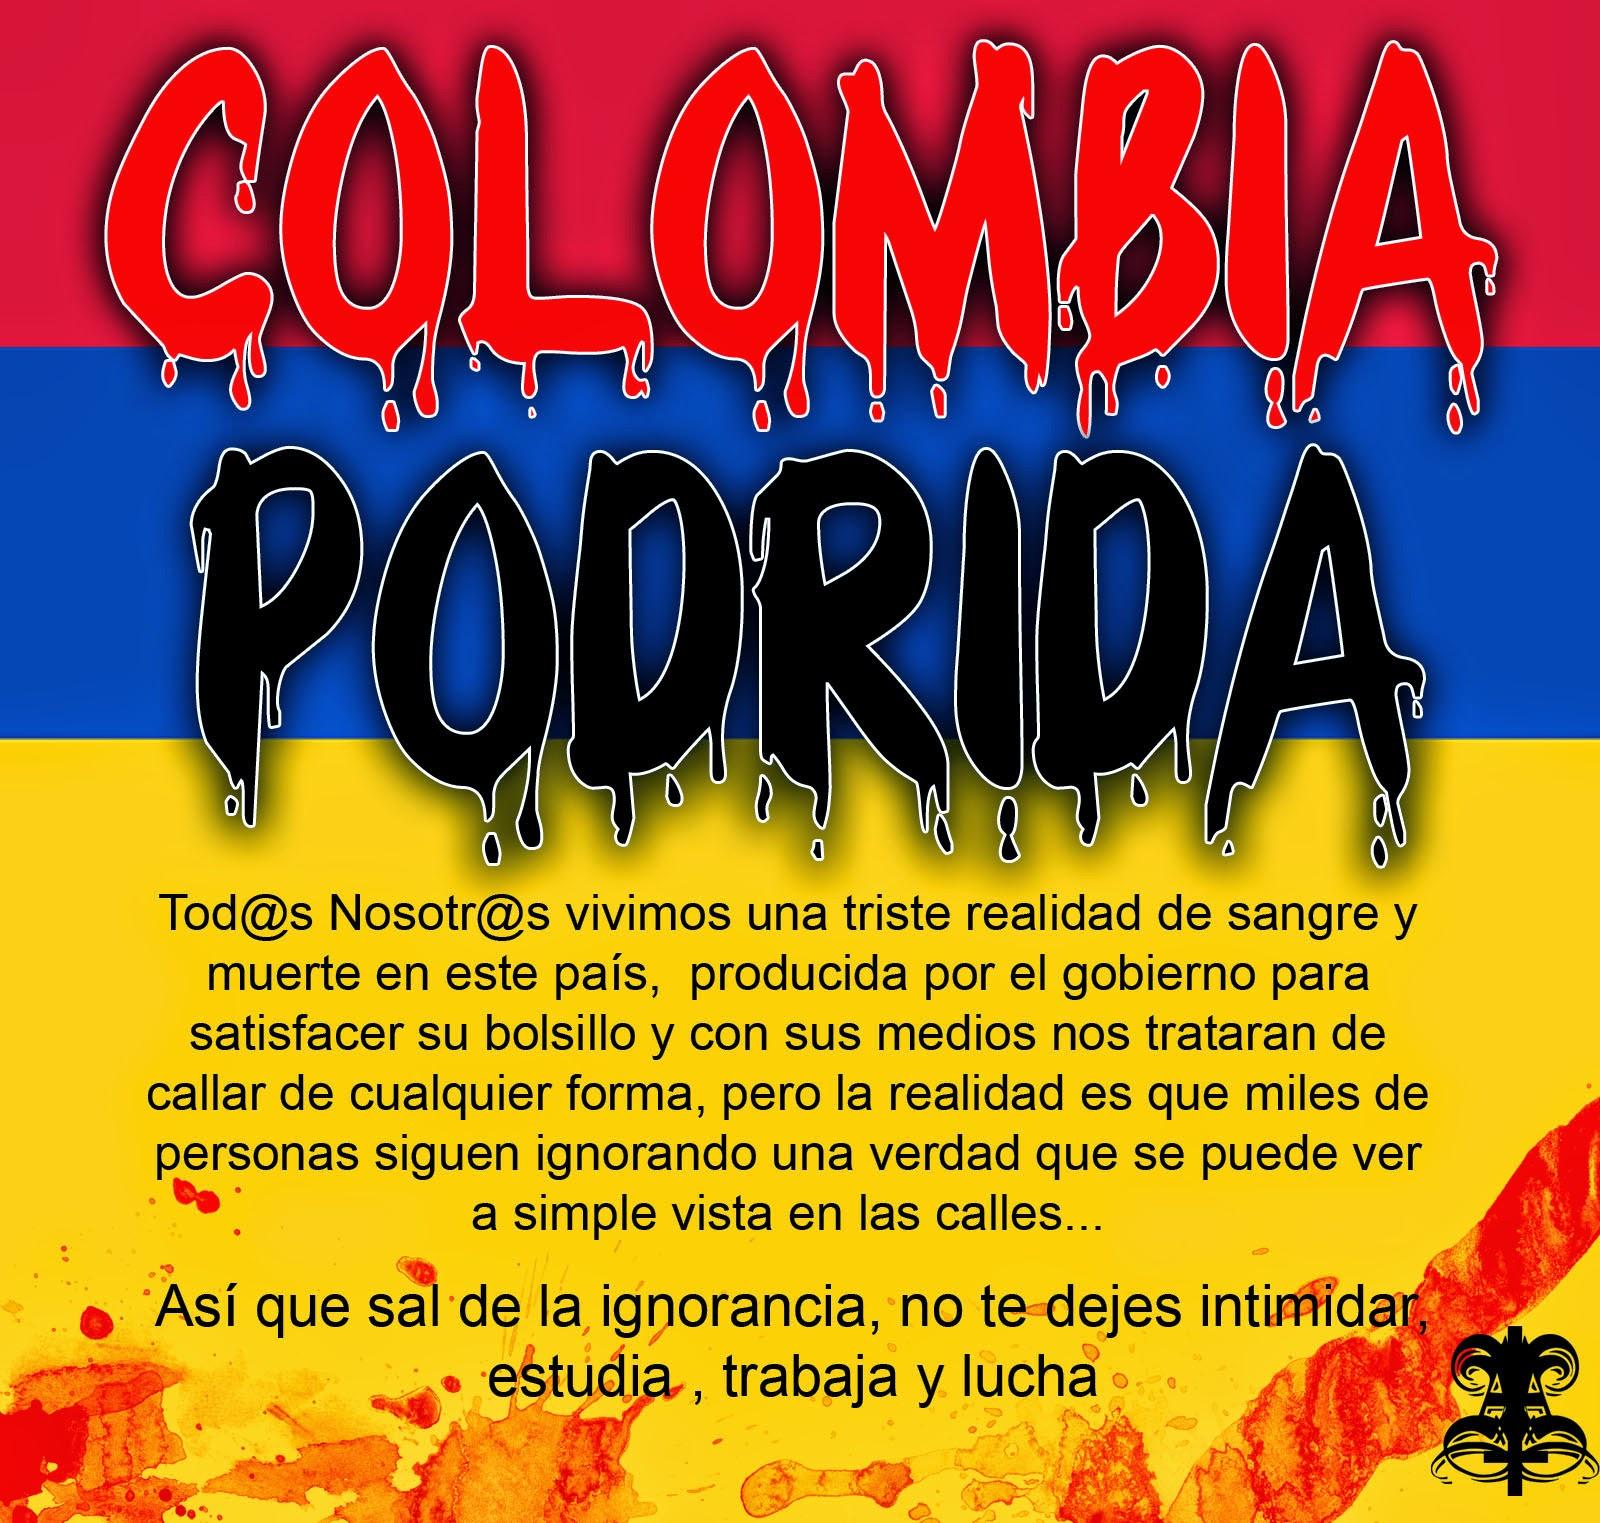 Colombia Podrida